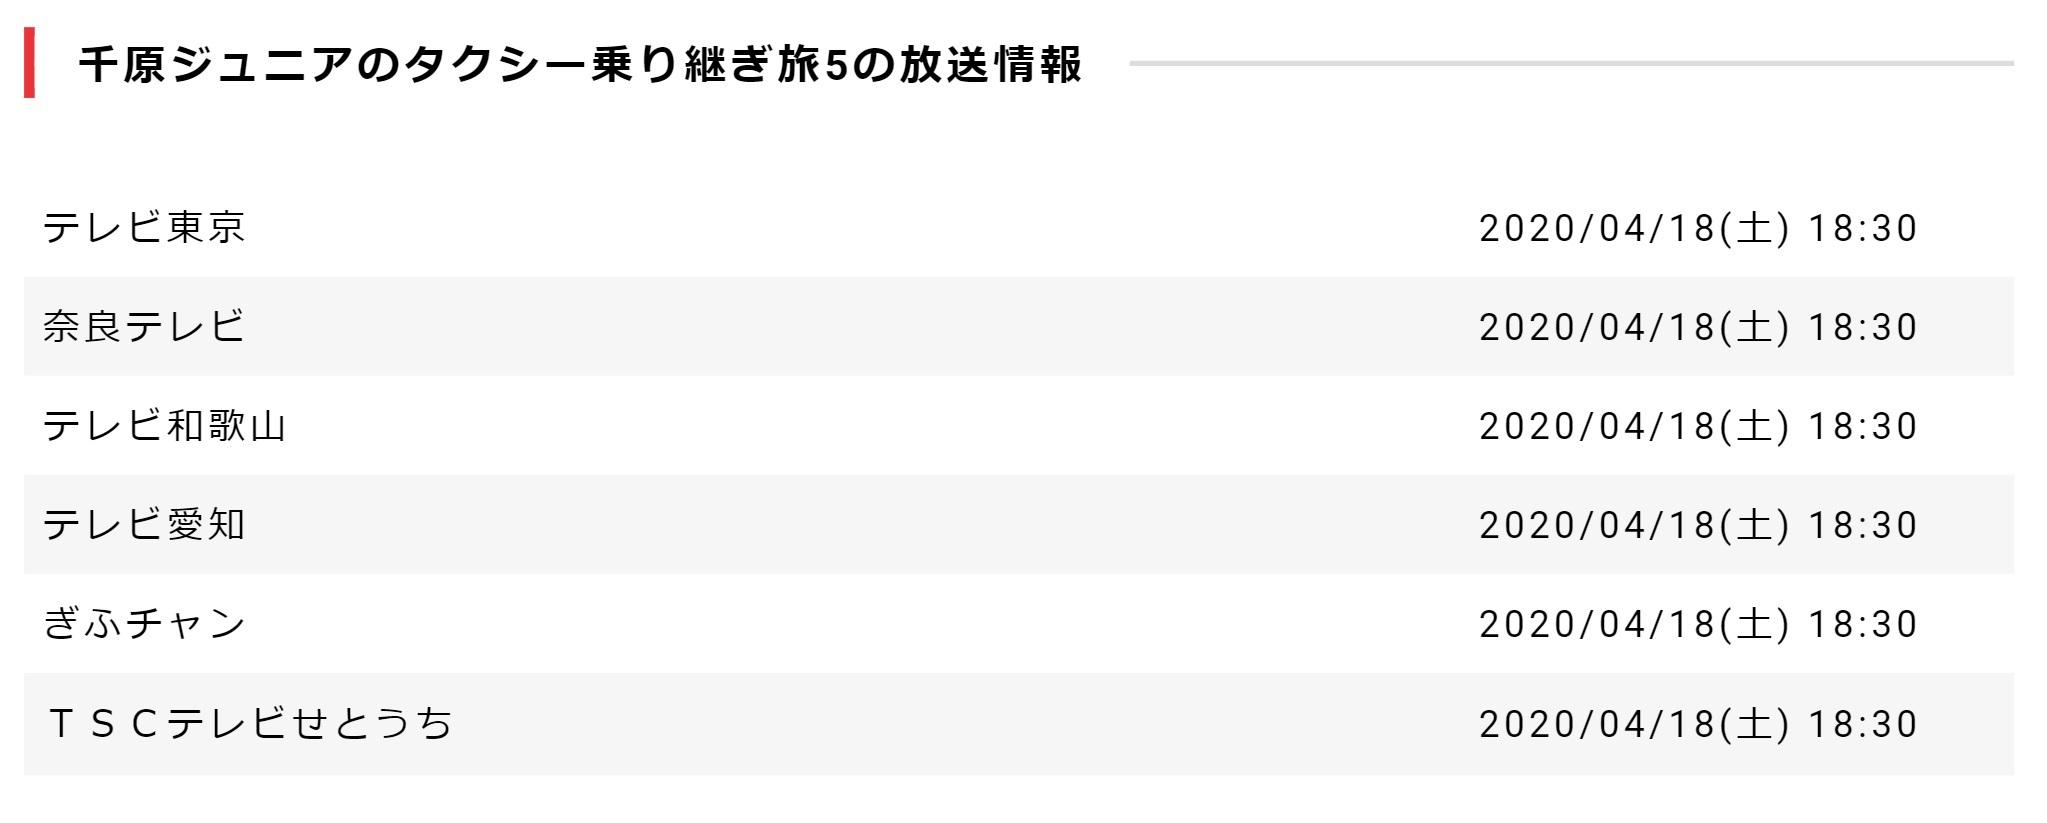 【告知】「千原ジュニアのタクシー乗り継ぎ旅5」に当館がTV出演します!!_e0154524_15473016.jpg